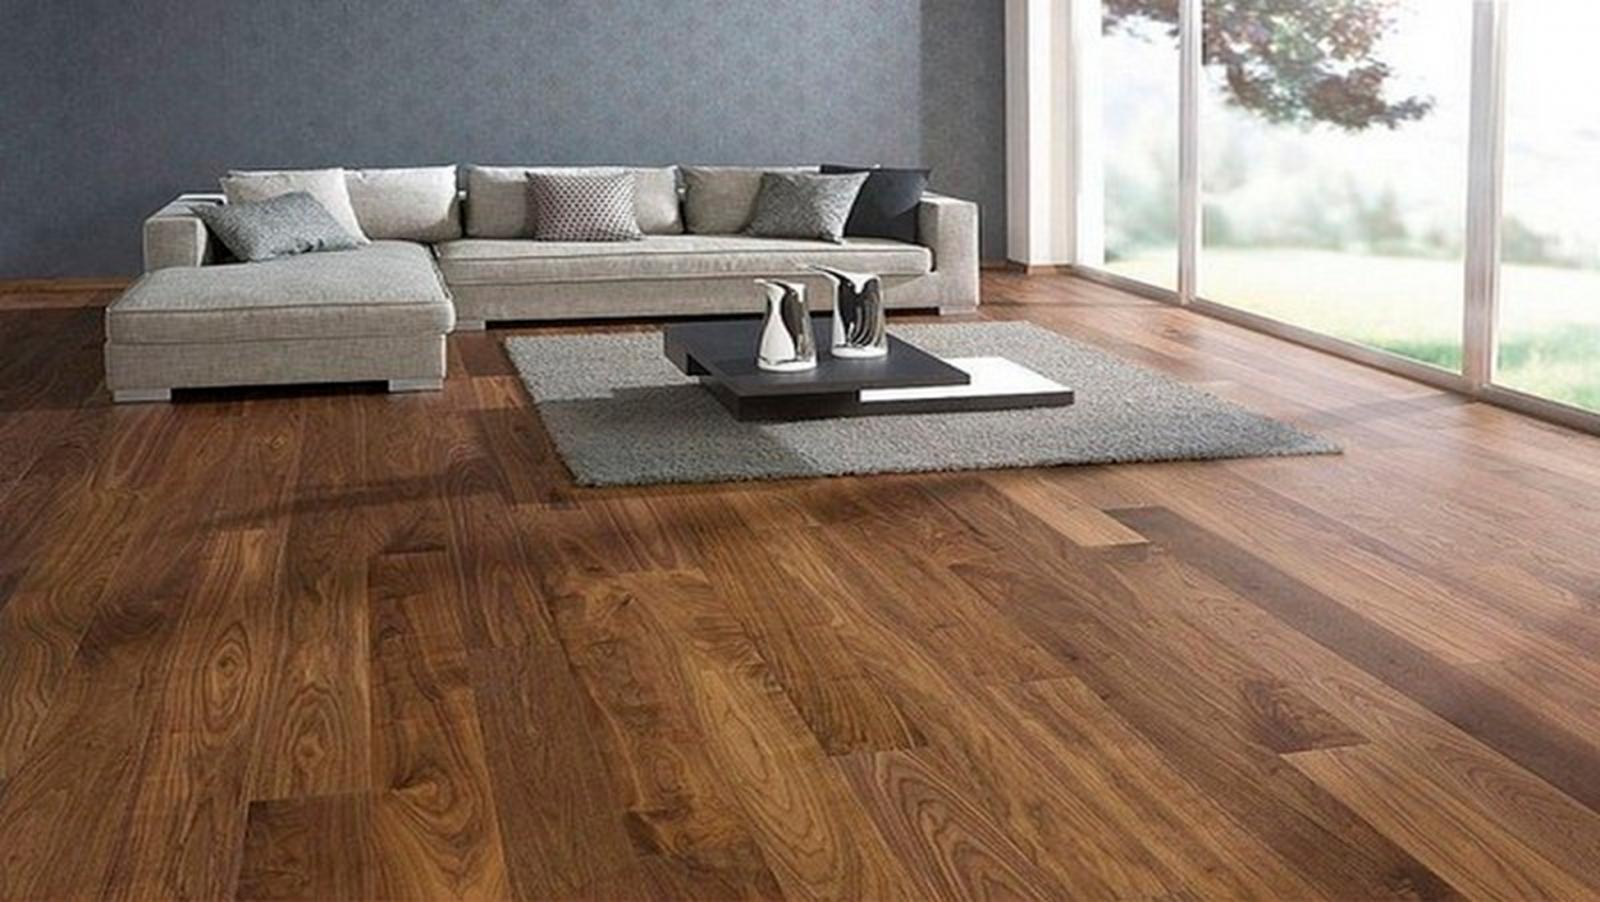 Sàn gỗ công nghiệp đẹp - Thi công sàn gỗ Đức, Malaysia giá rẻ